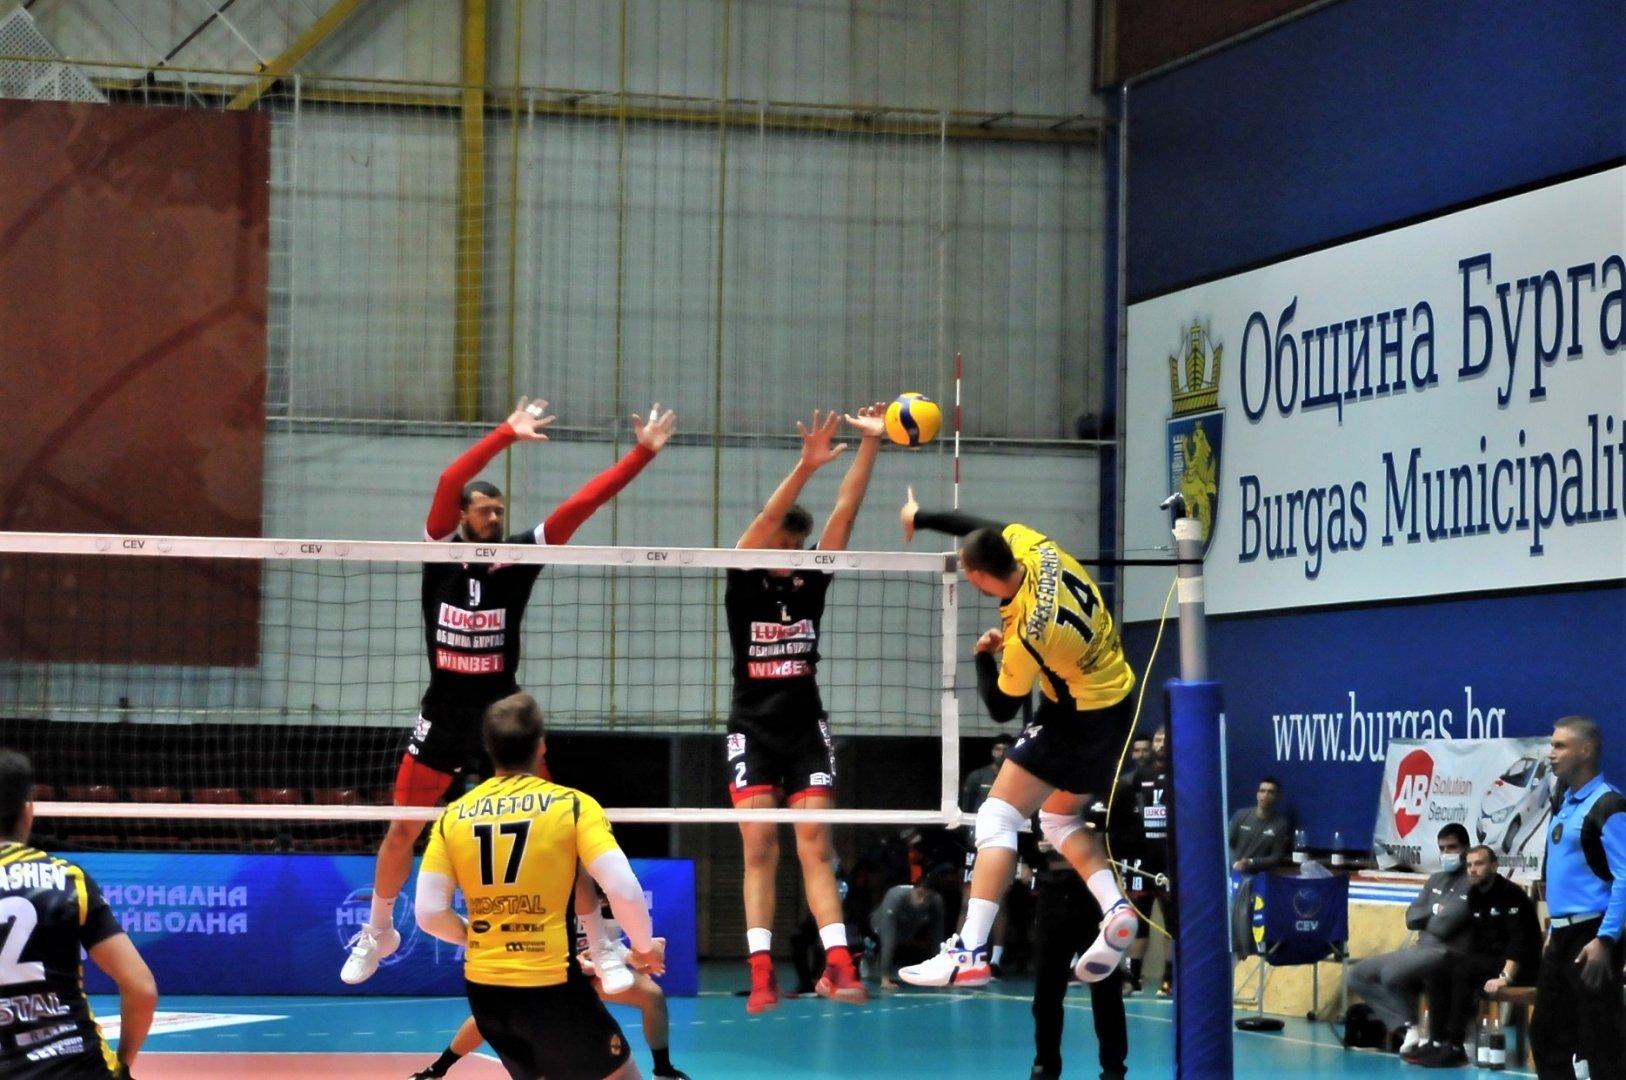 Бургаските волейболисти пропуснаха срещата, заради положителни проби за COVID-19. Снимка Архив